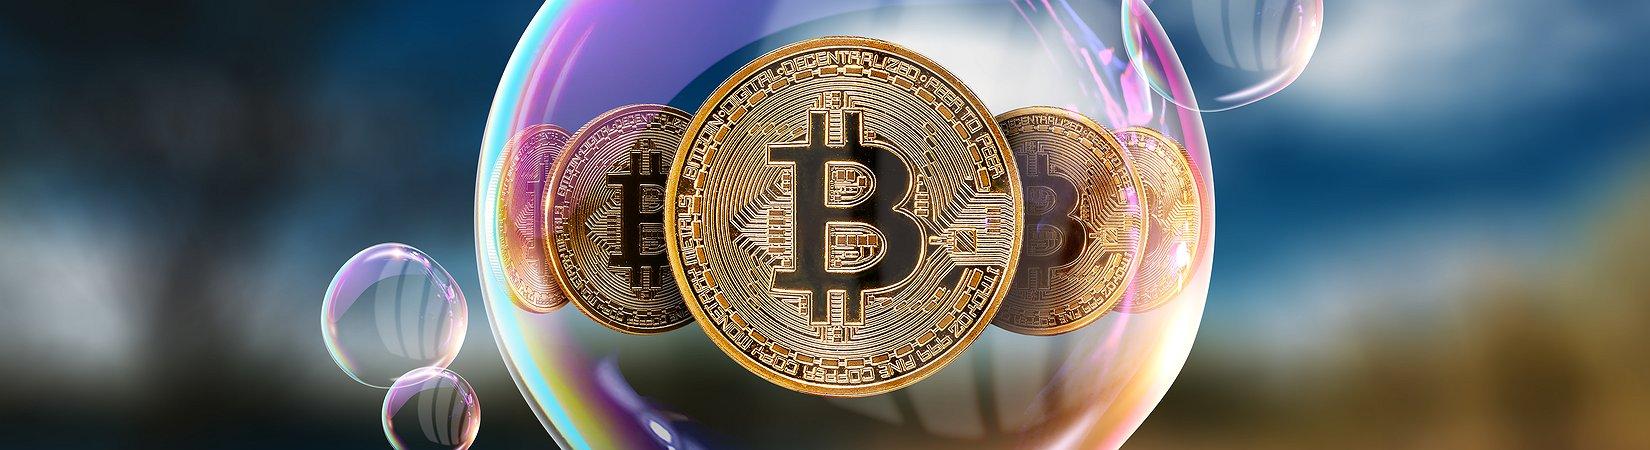 El precio del bitcoin cae por debajo de los 11.000 $